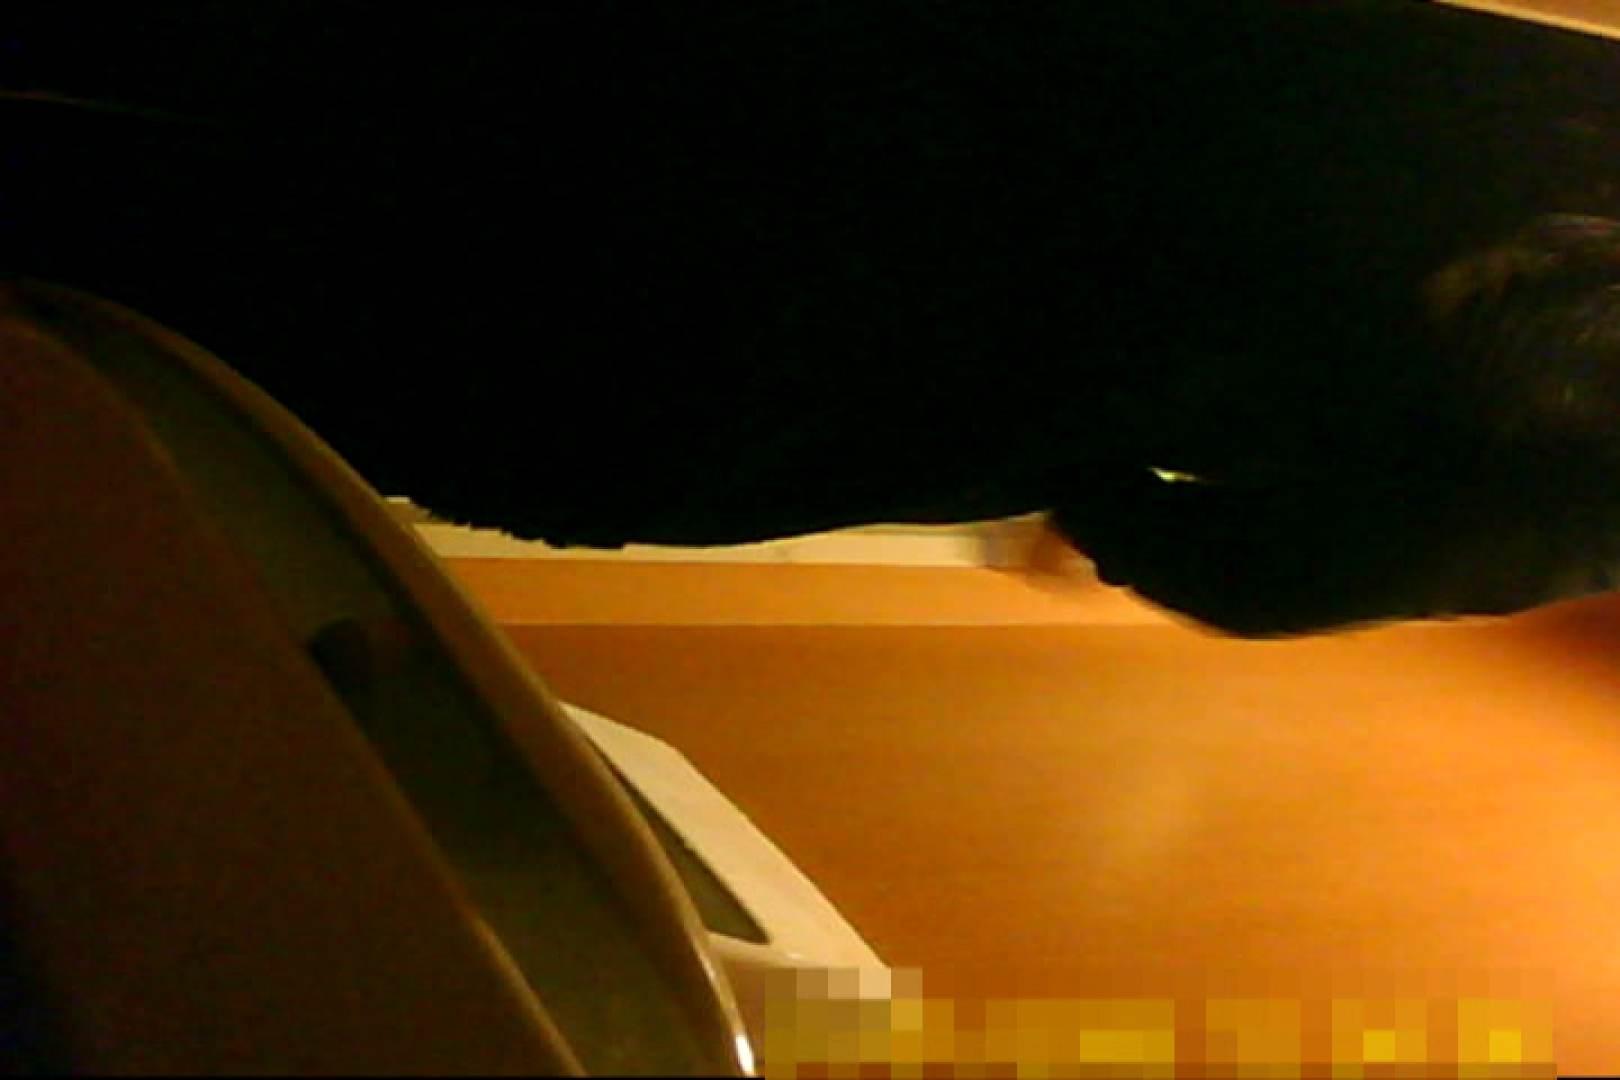 魅惑の化粧室~禁断のプライベート空間~vol.10 美しいOLの裸体  102pic 72